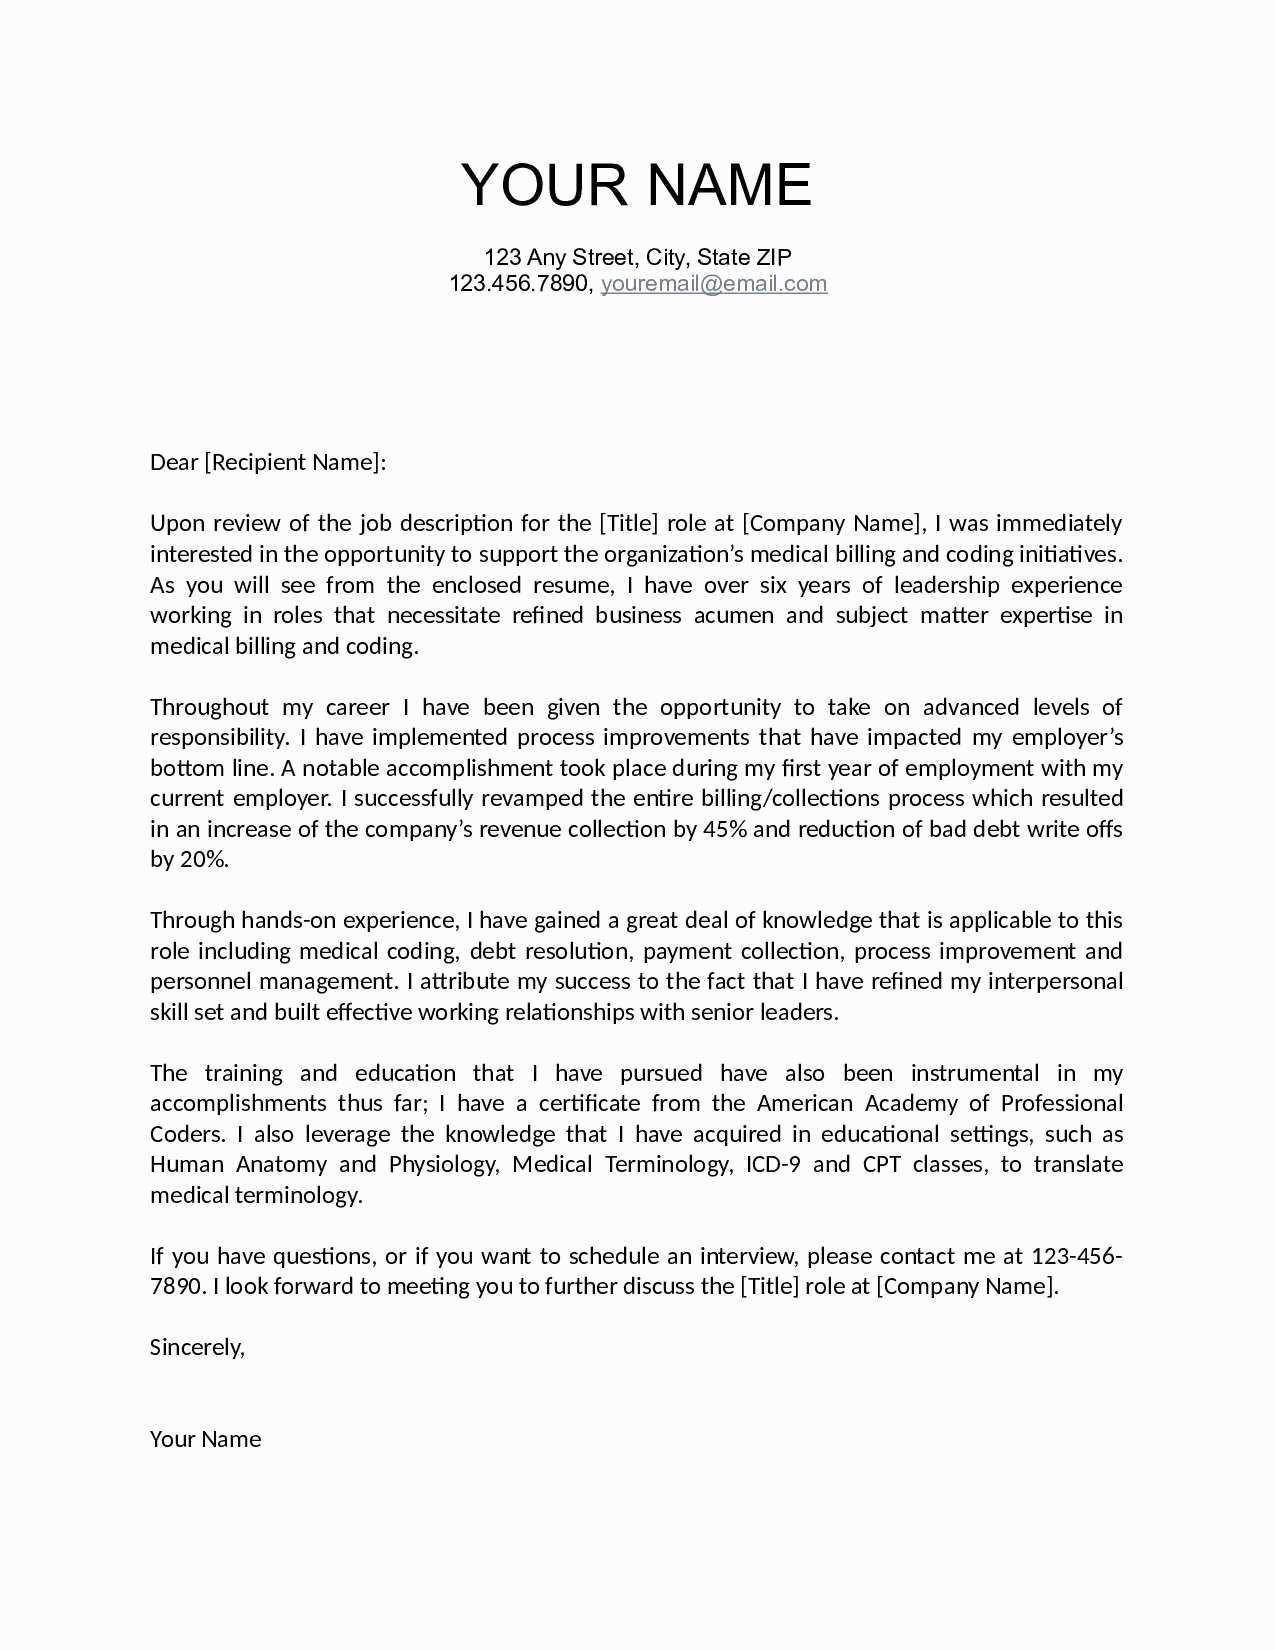 New Employee Offer Letter Template - New Fer Letter with Job Description Sample